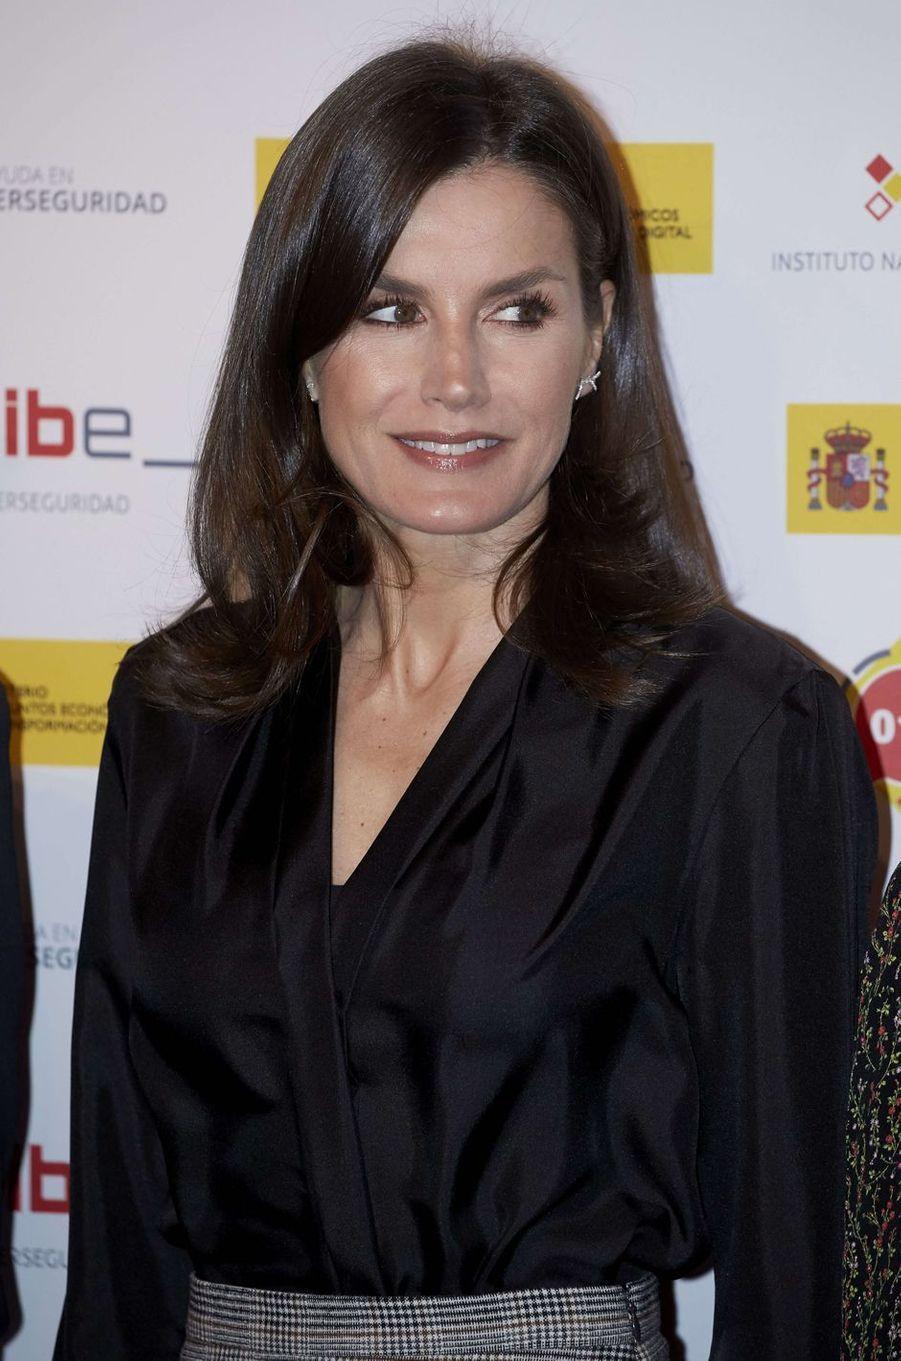 La reine Letizia d'Espagne à Madrid, le 11 février 2020